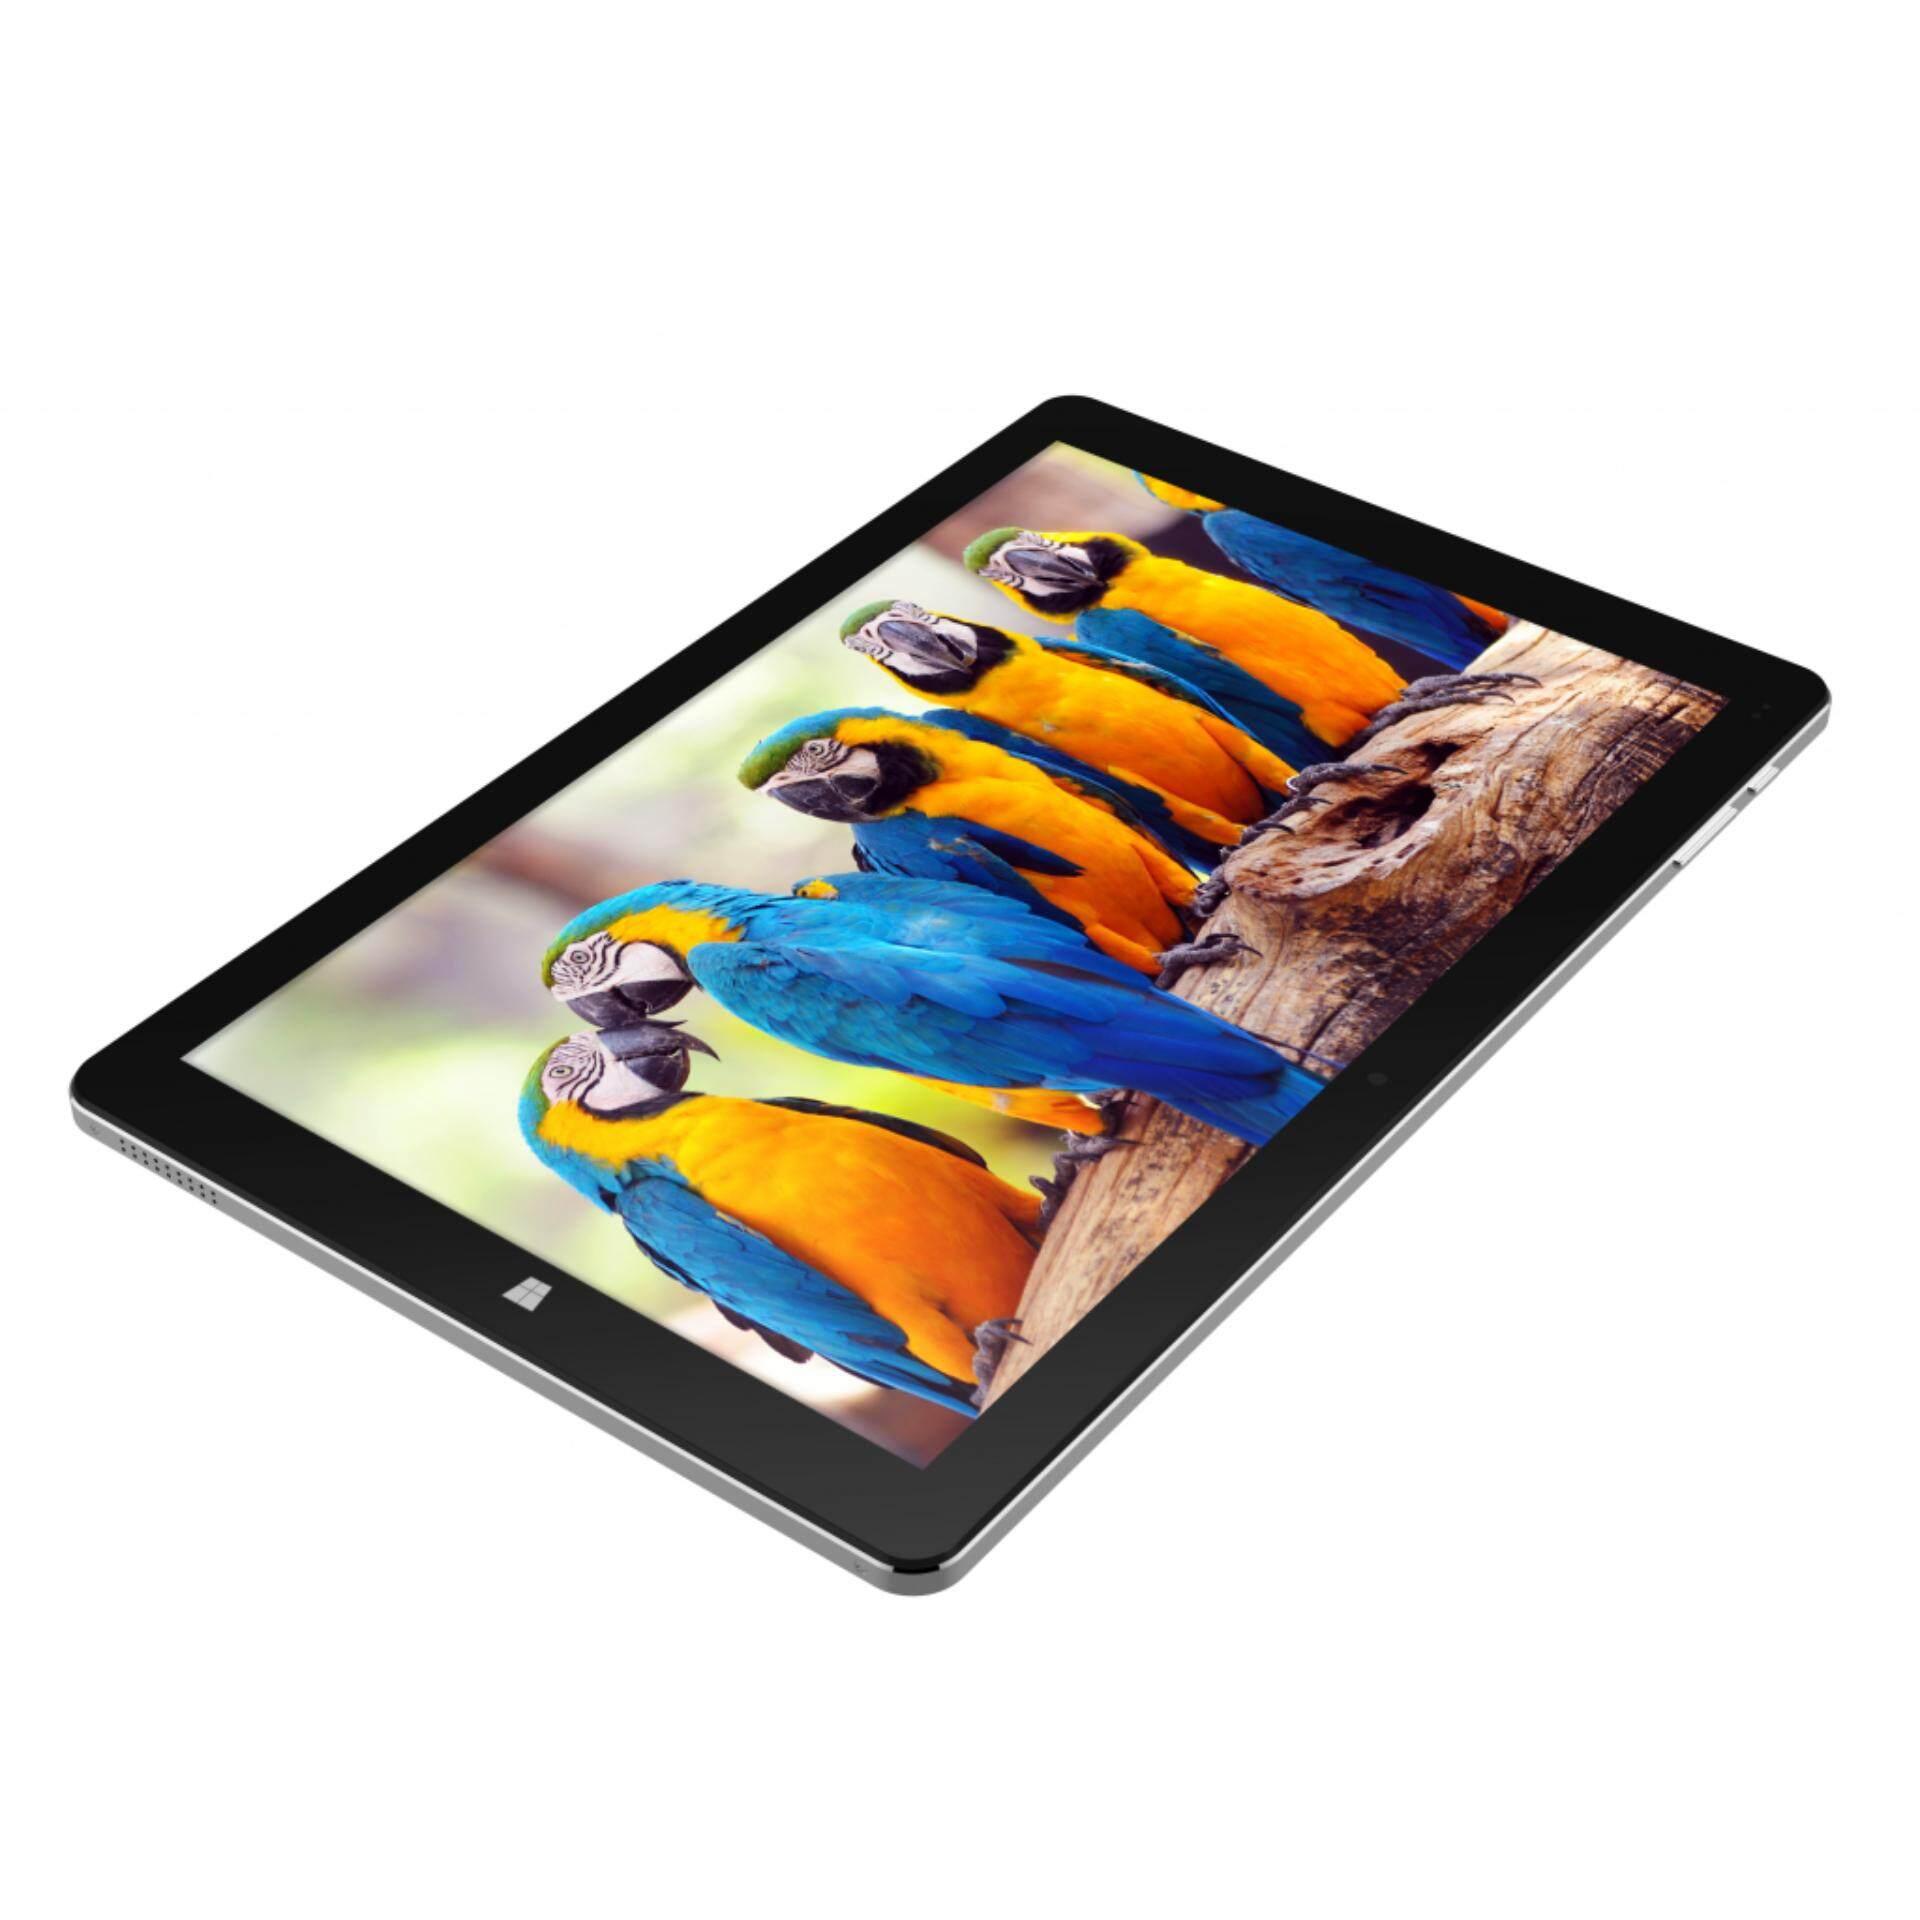 JOI 11 Windows 10 Tablet 4GB RAM 32GB STORAGE Malaysia